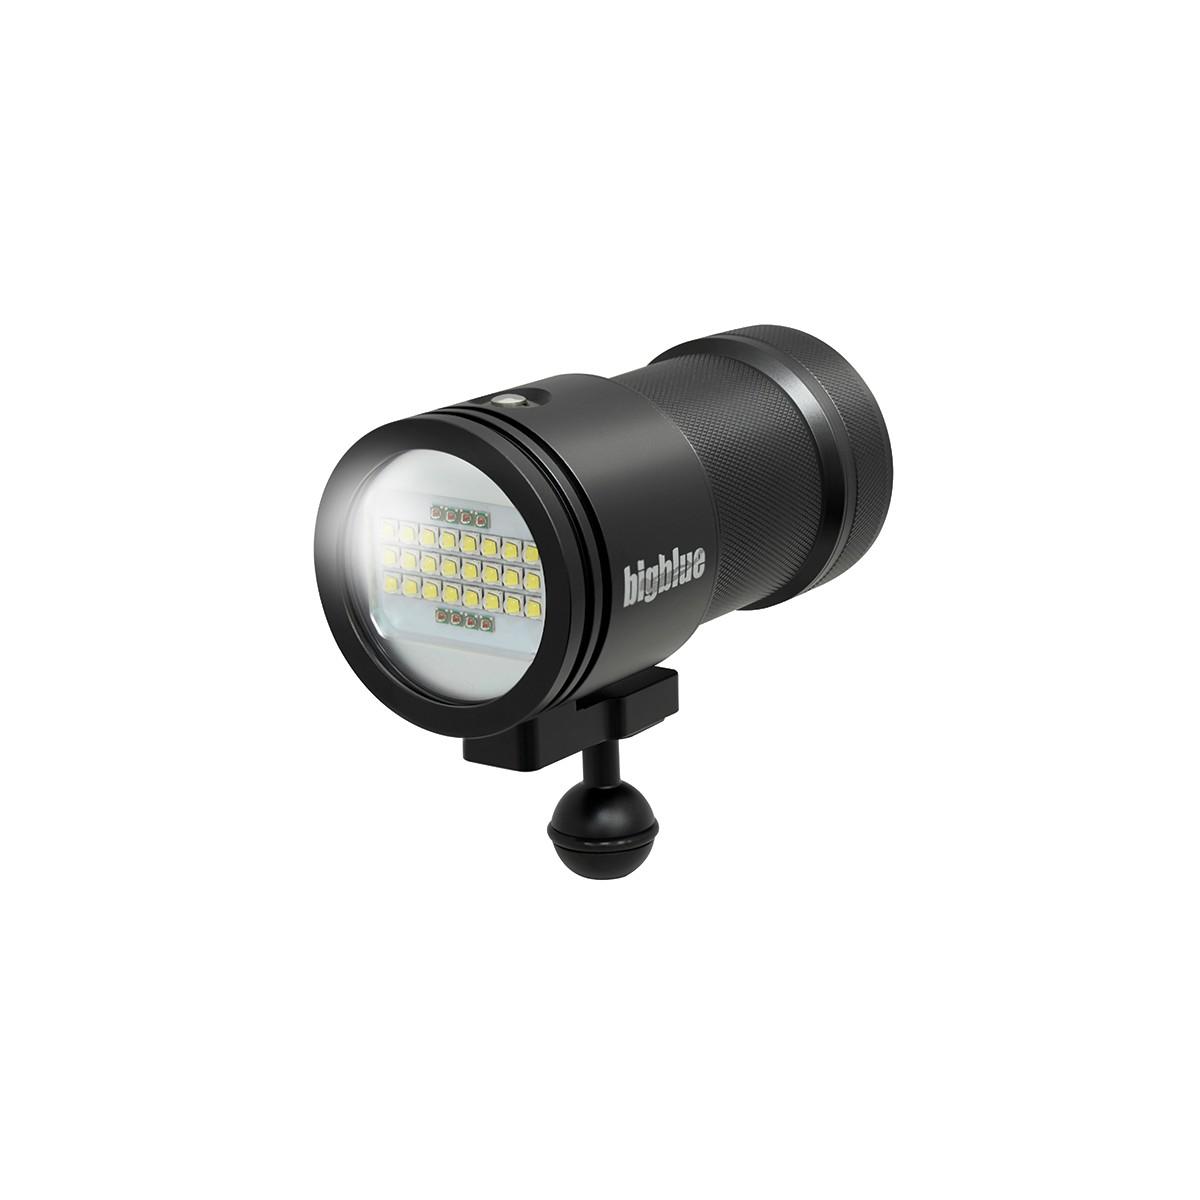 Bigblue 15,000 Lumen Video Light (VL15000P-Pro-Mini)